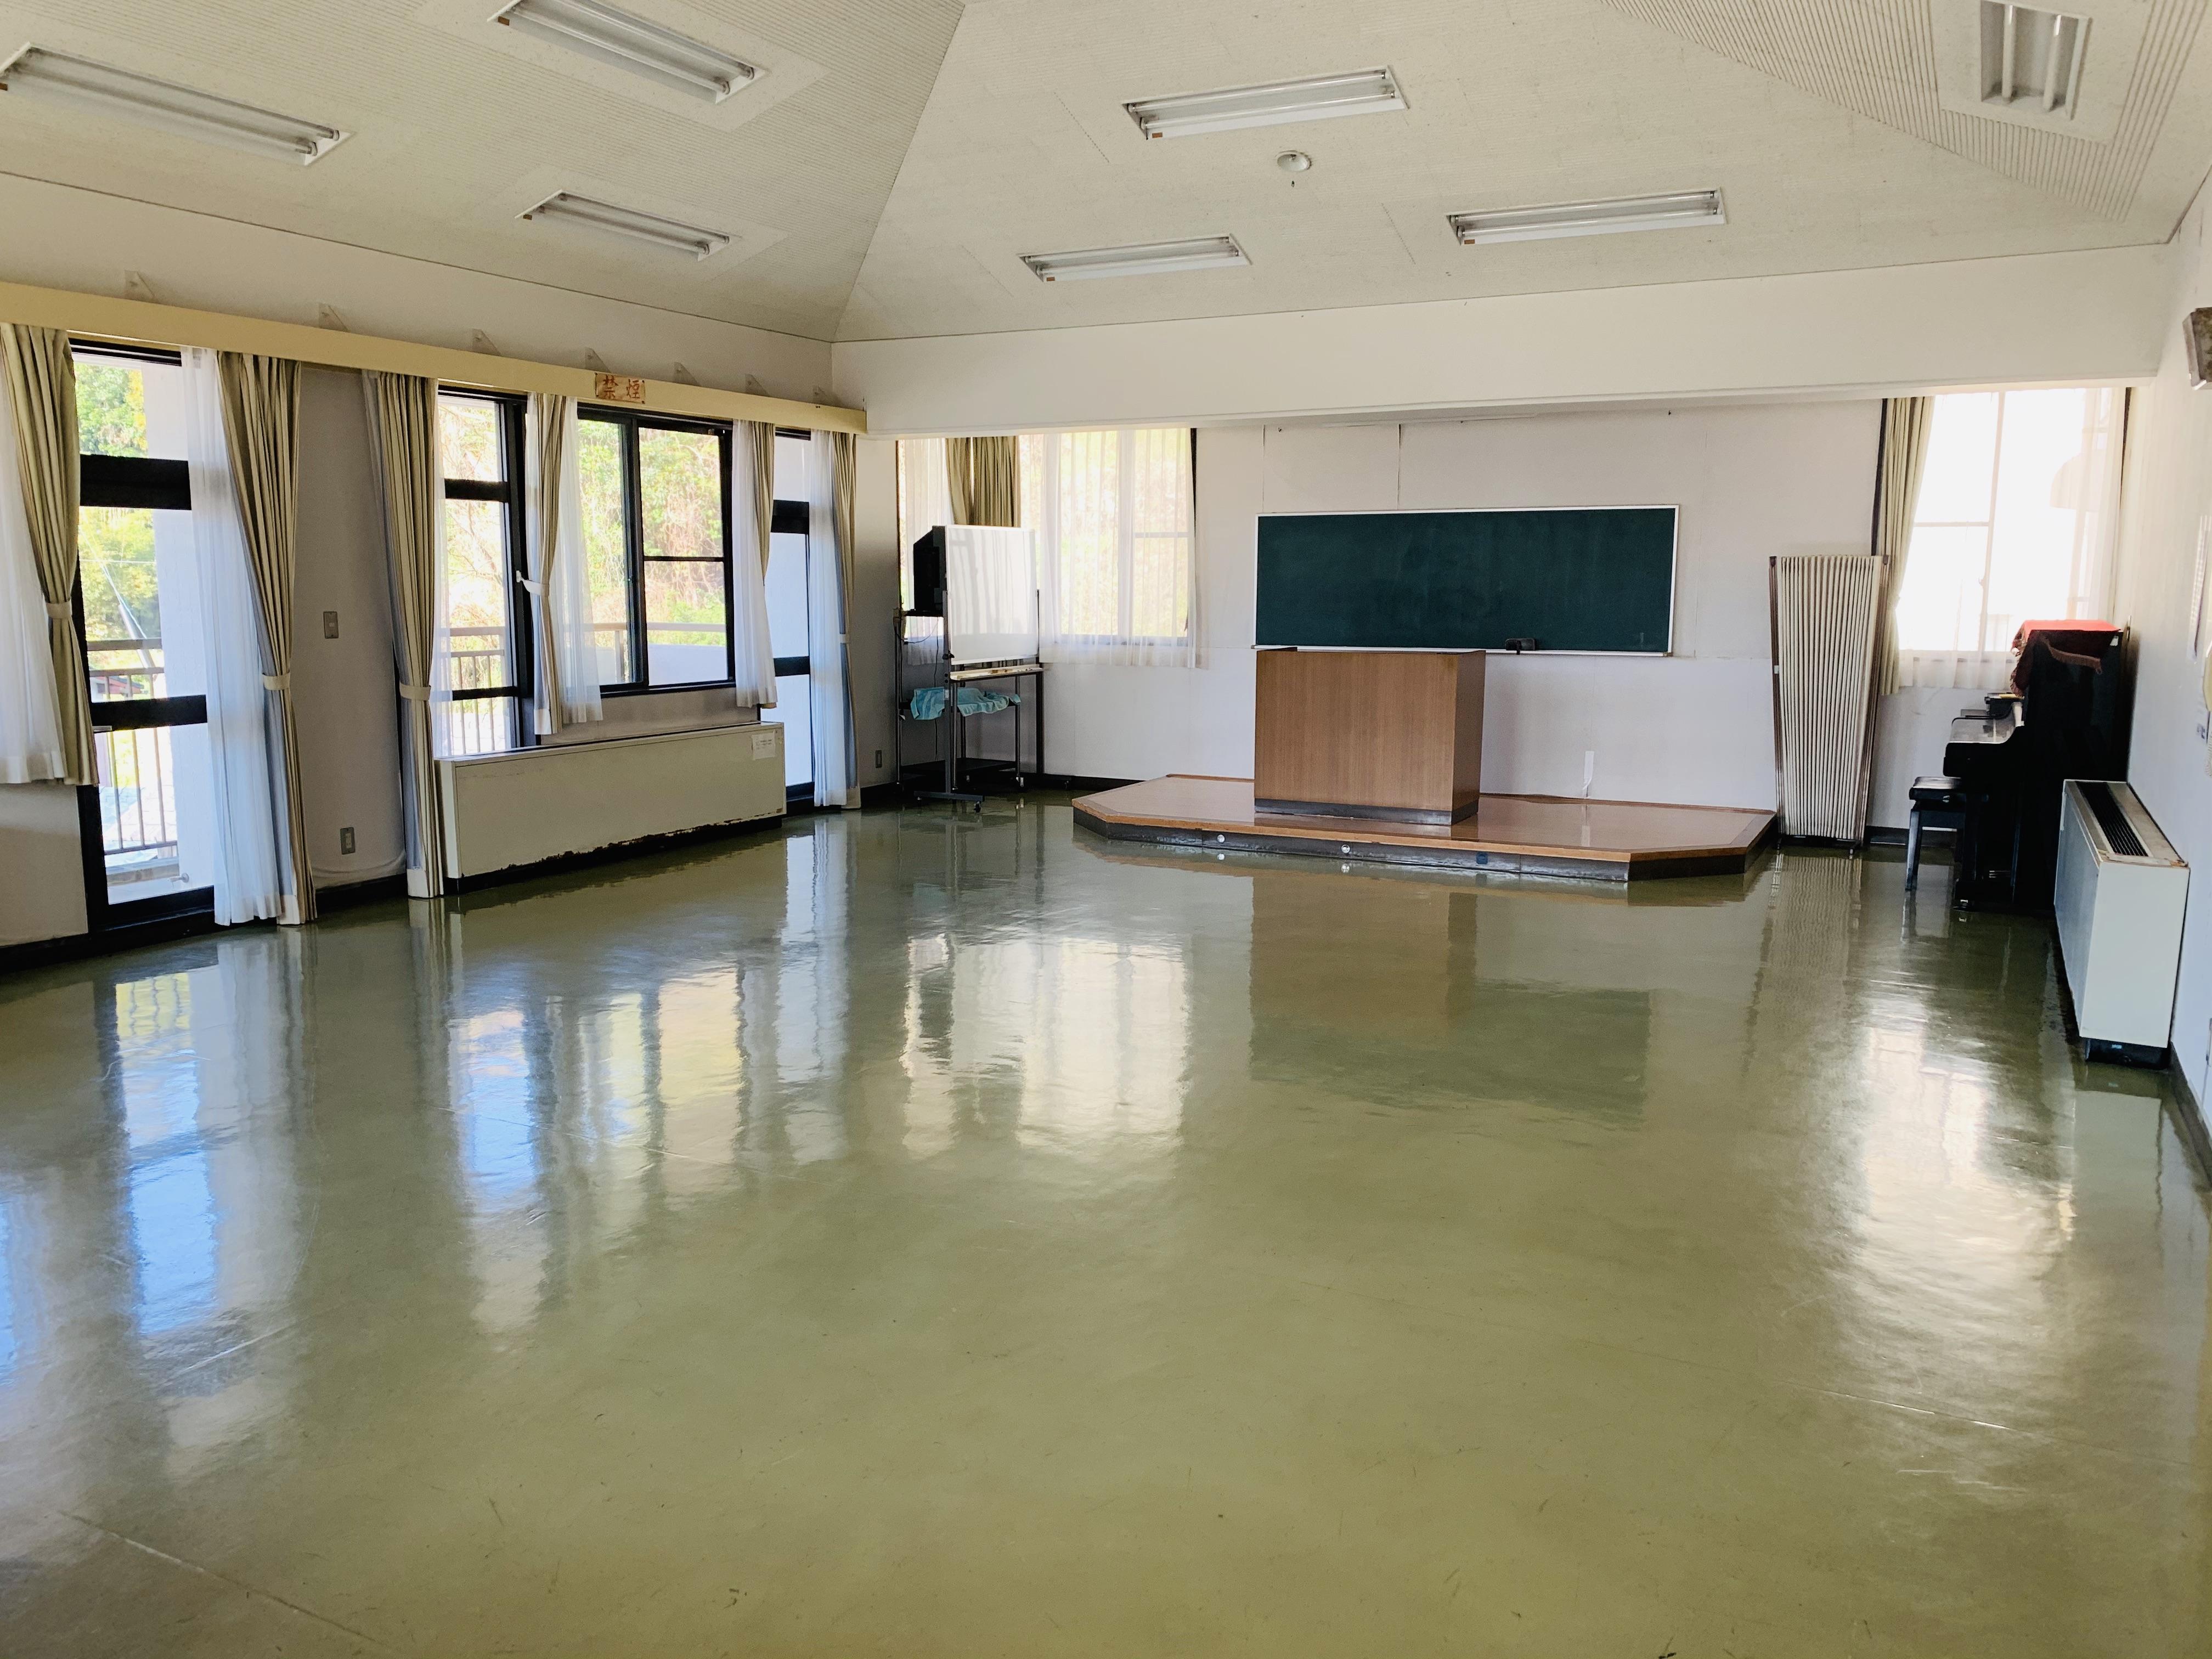 8.働く婦人の家 h.講習室1